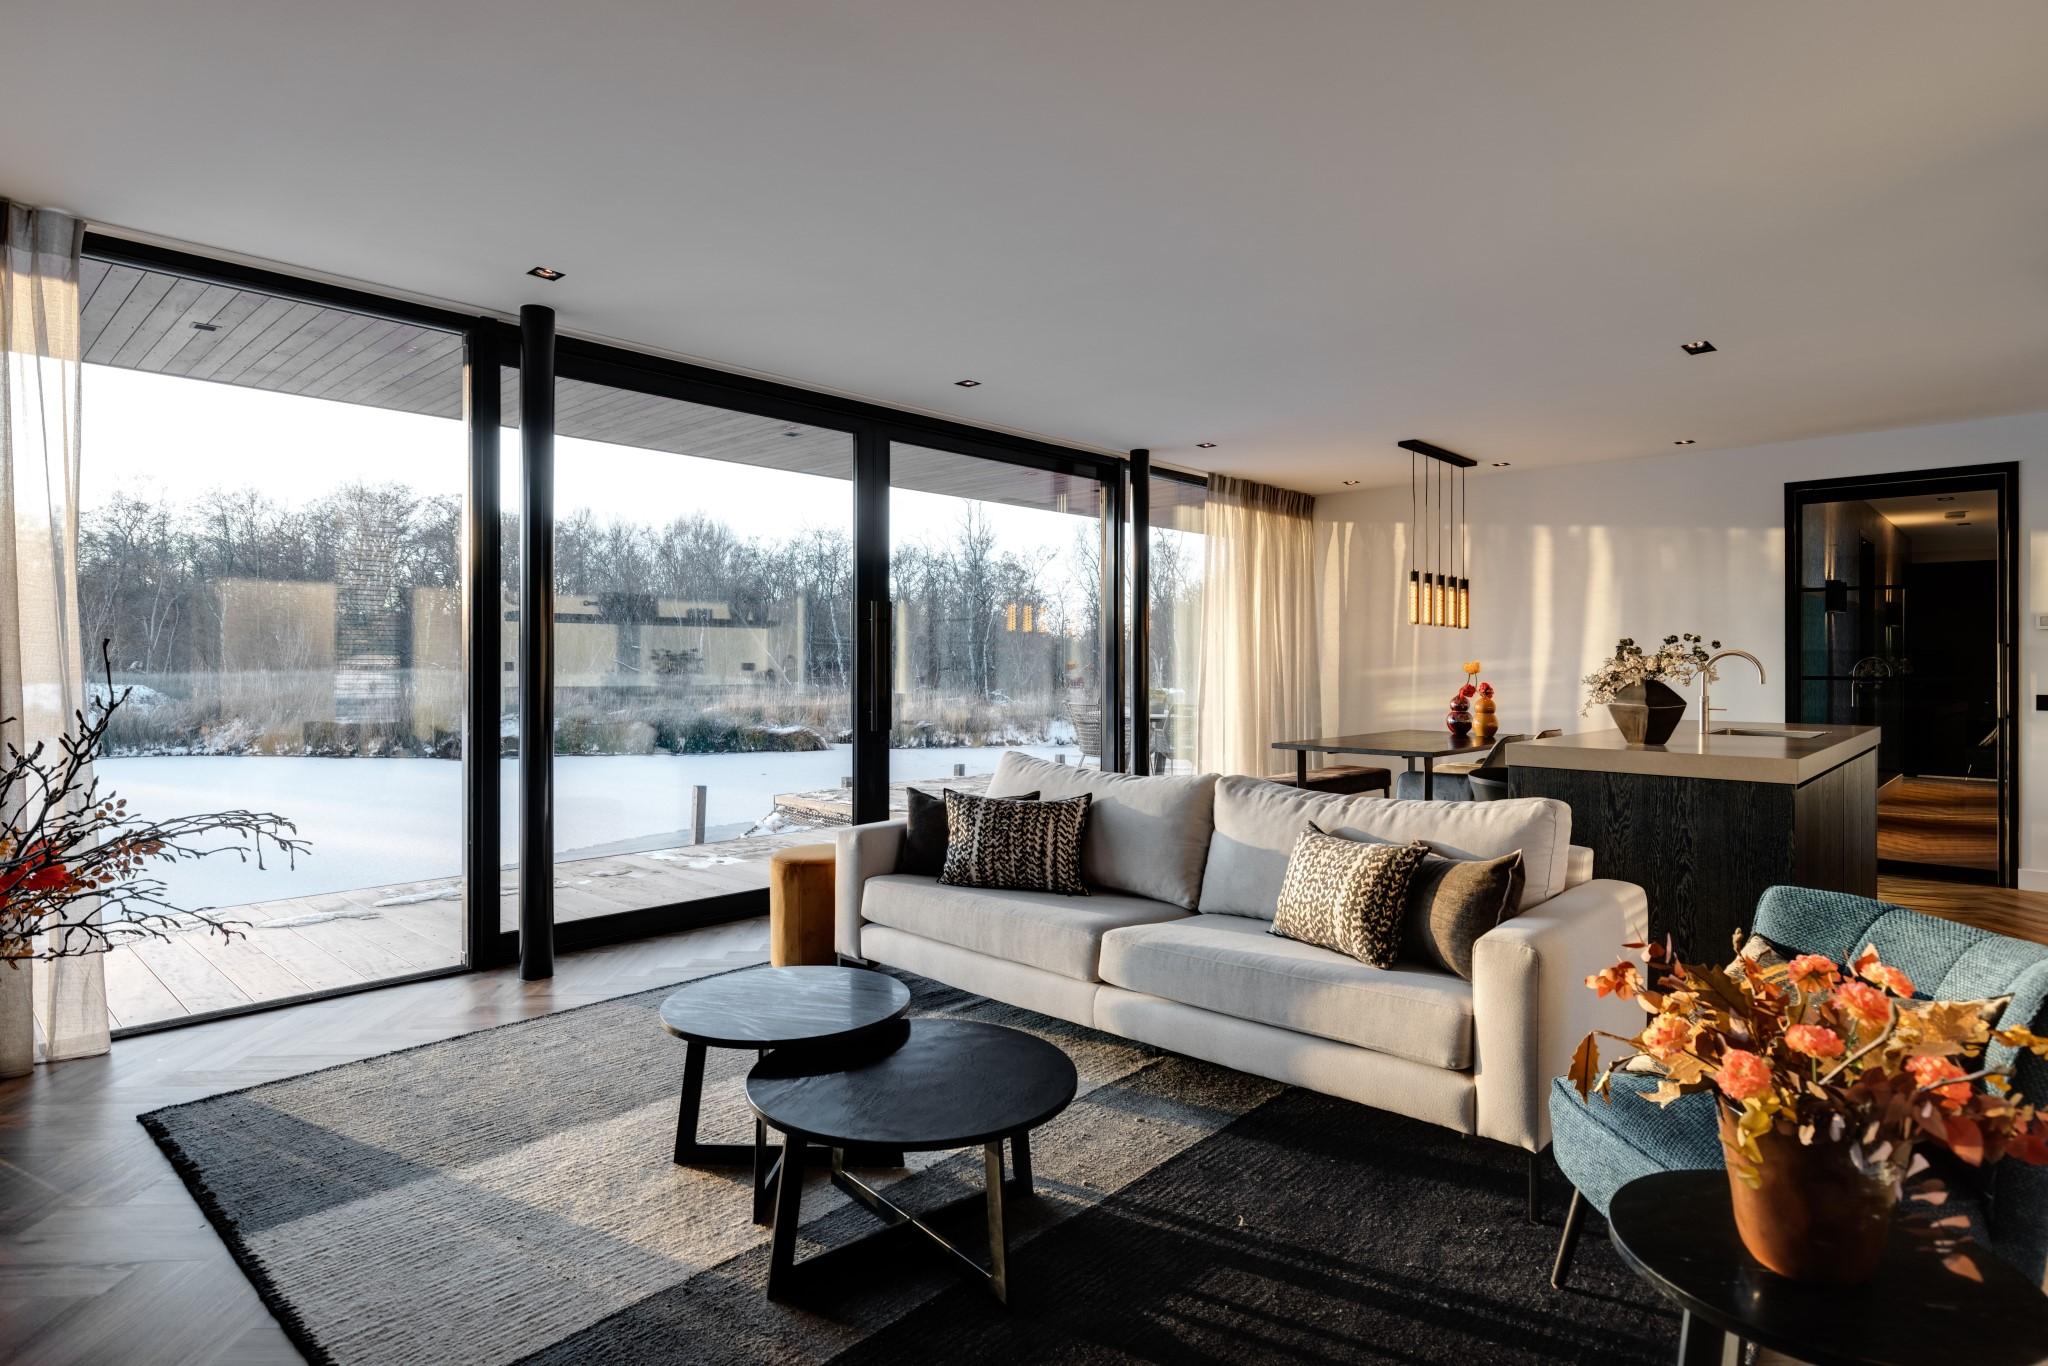 Woonkamer van Haven Lake Village in Kortenhoef ontwerp door interieurarchitect Maxim Winkelaar.